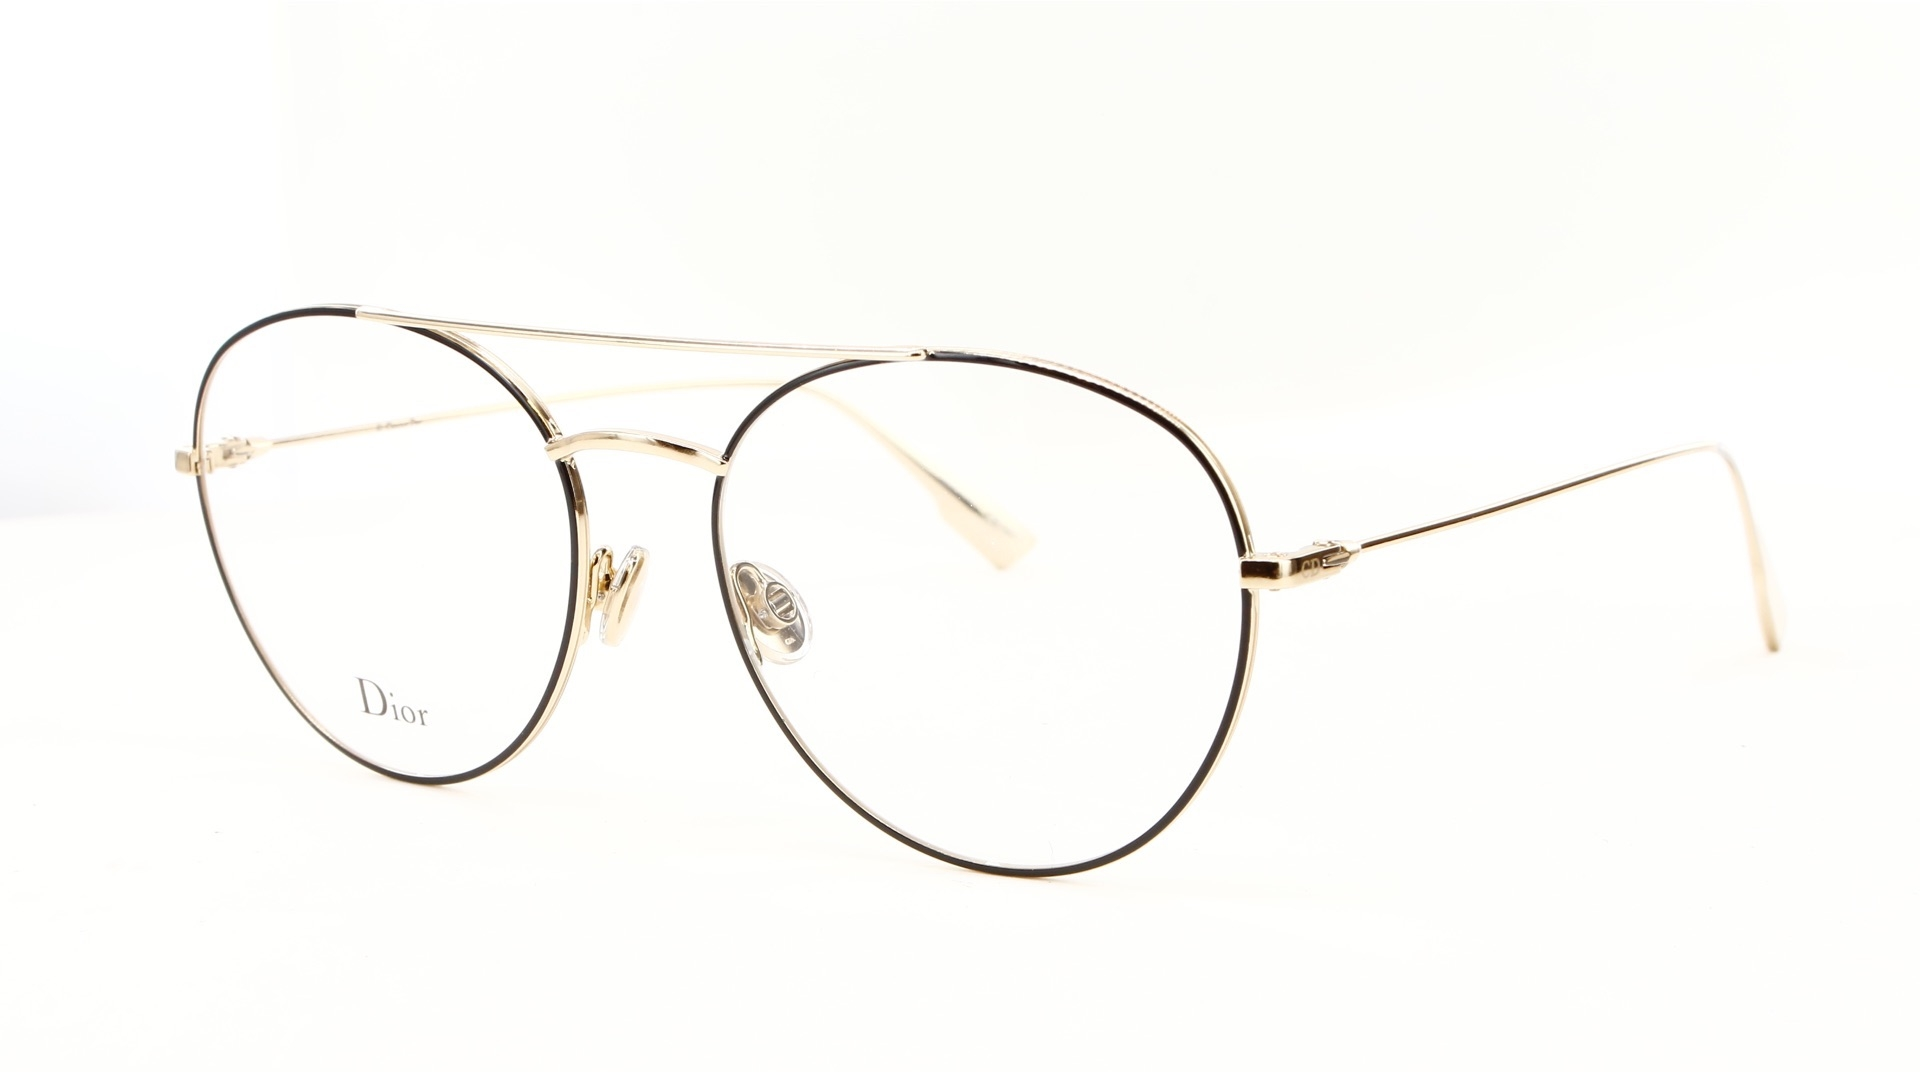 Dior - ref: 80504